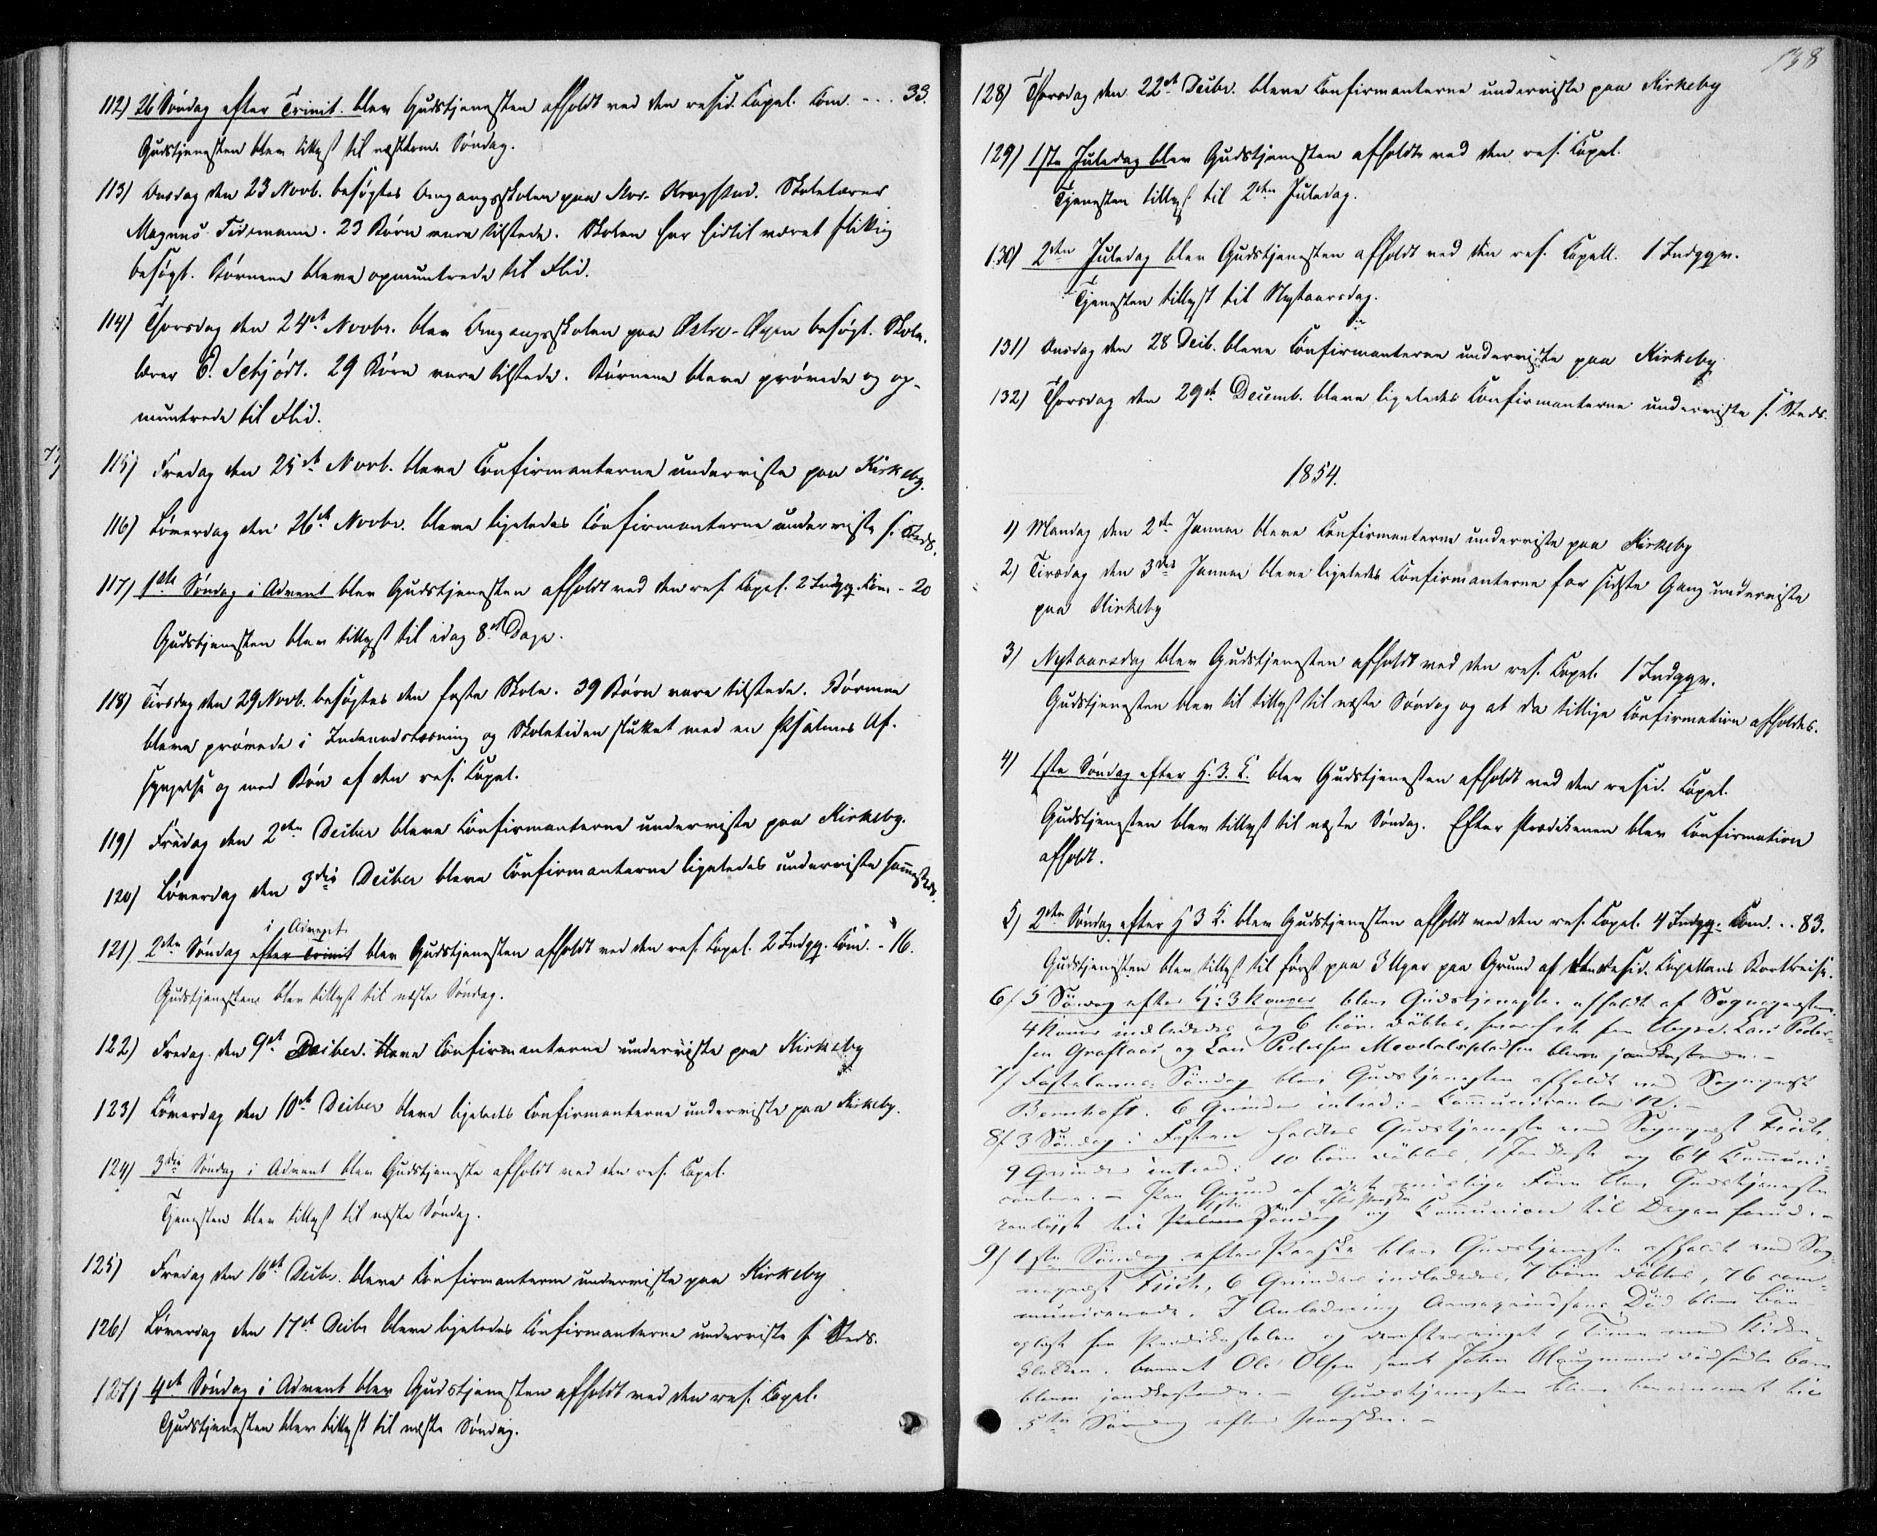 SAT, Ministerialprotokoller, klokkerbøker og fødselsregistre - Nord-Trøndelag, 706/L0040: Ministerialbok nr. 706A01, 1850-1861, s. 138